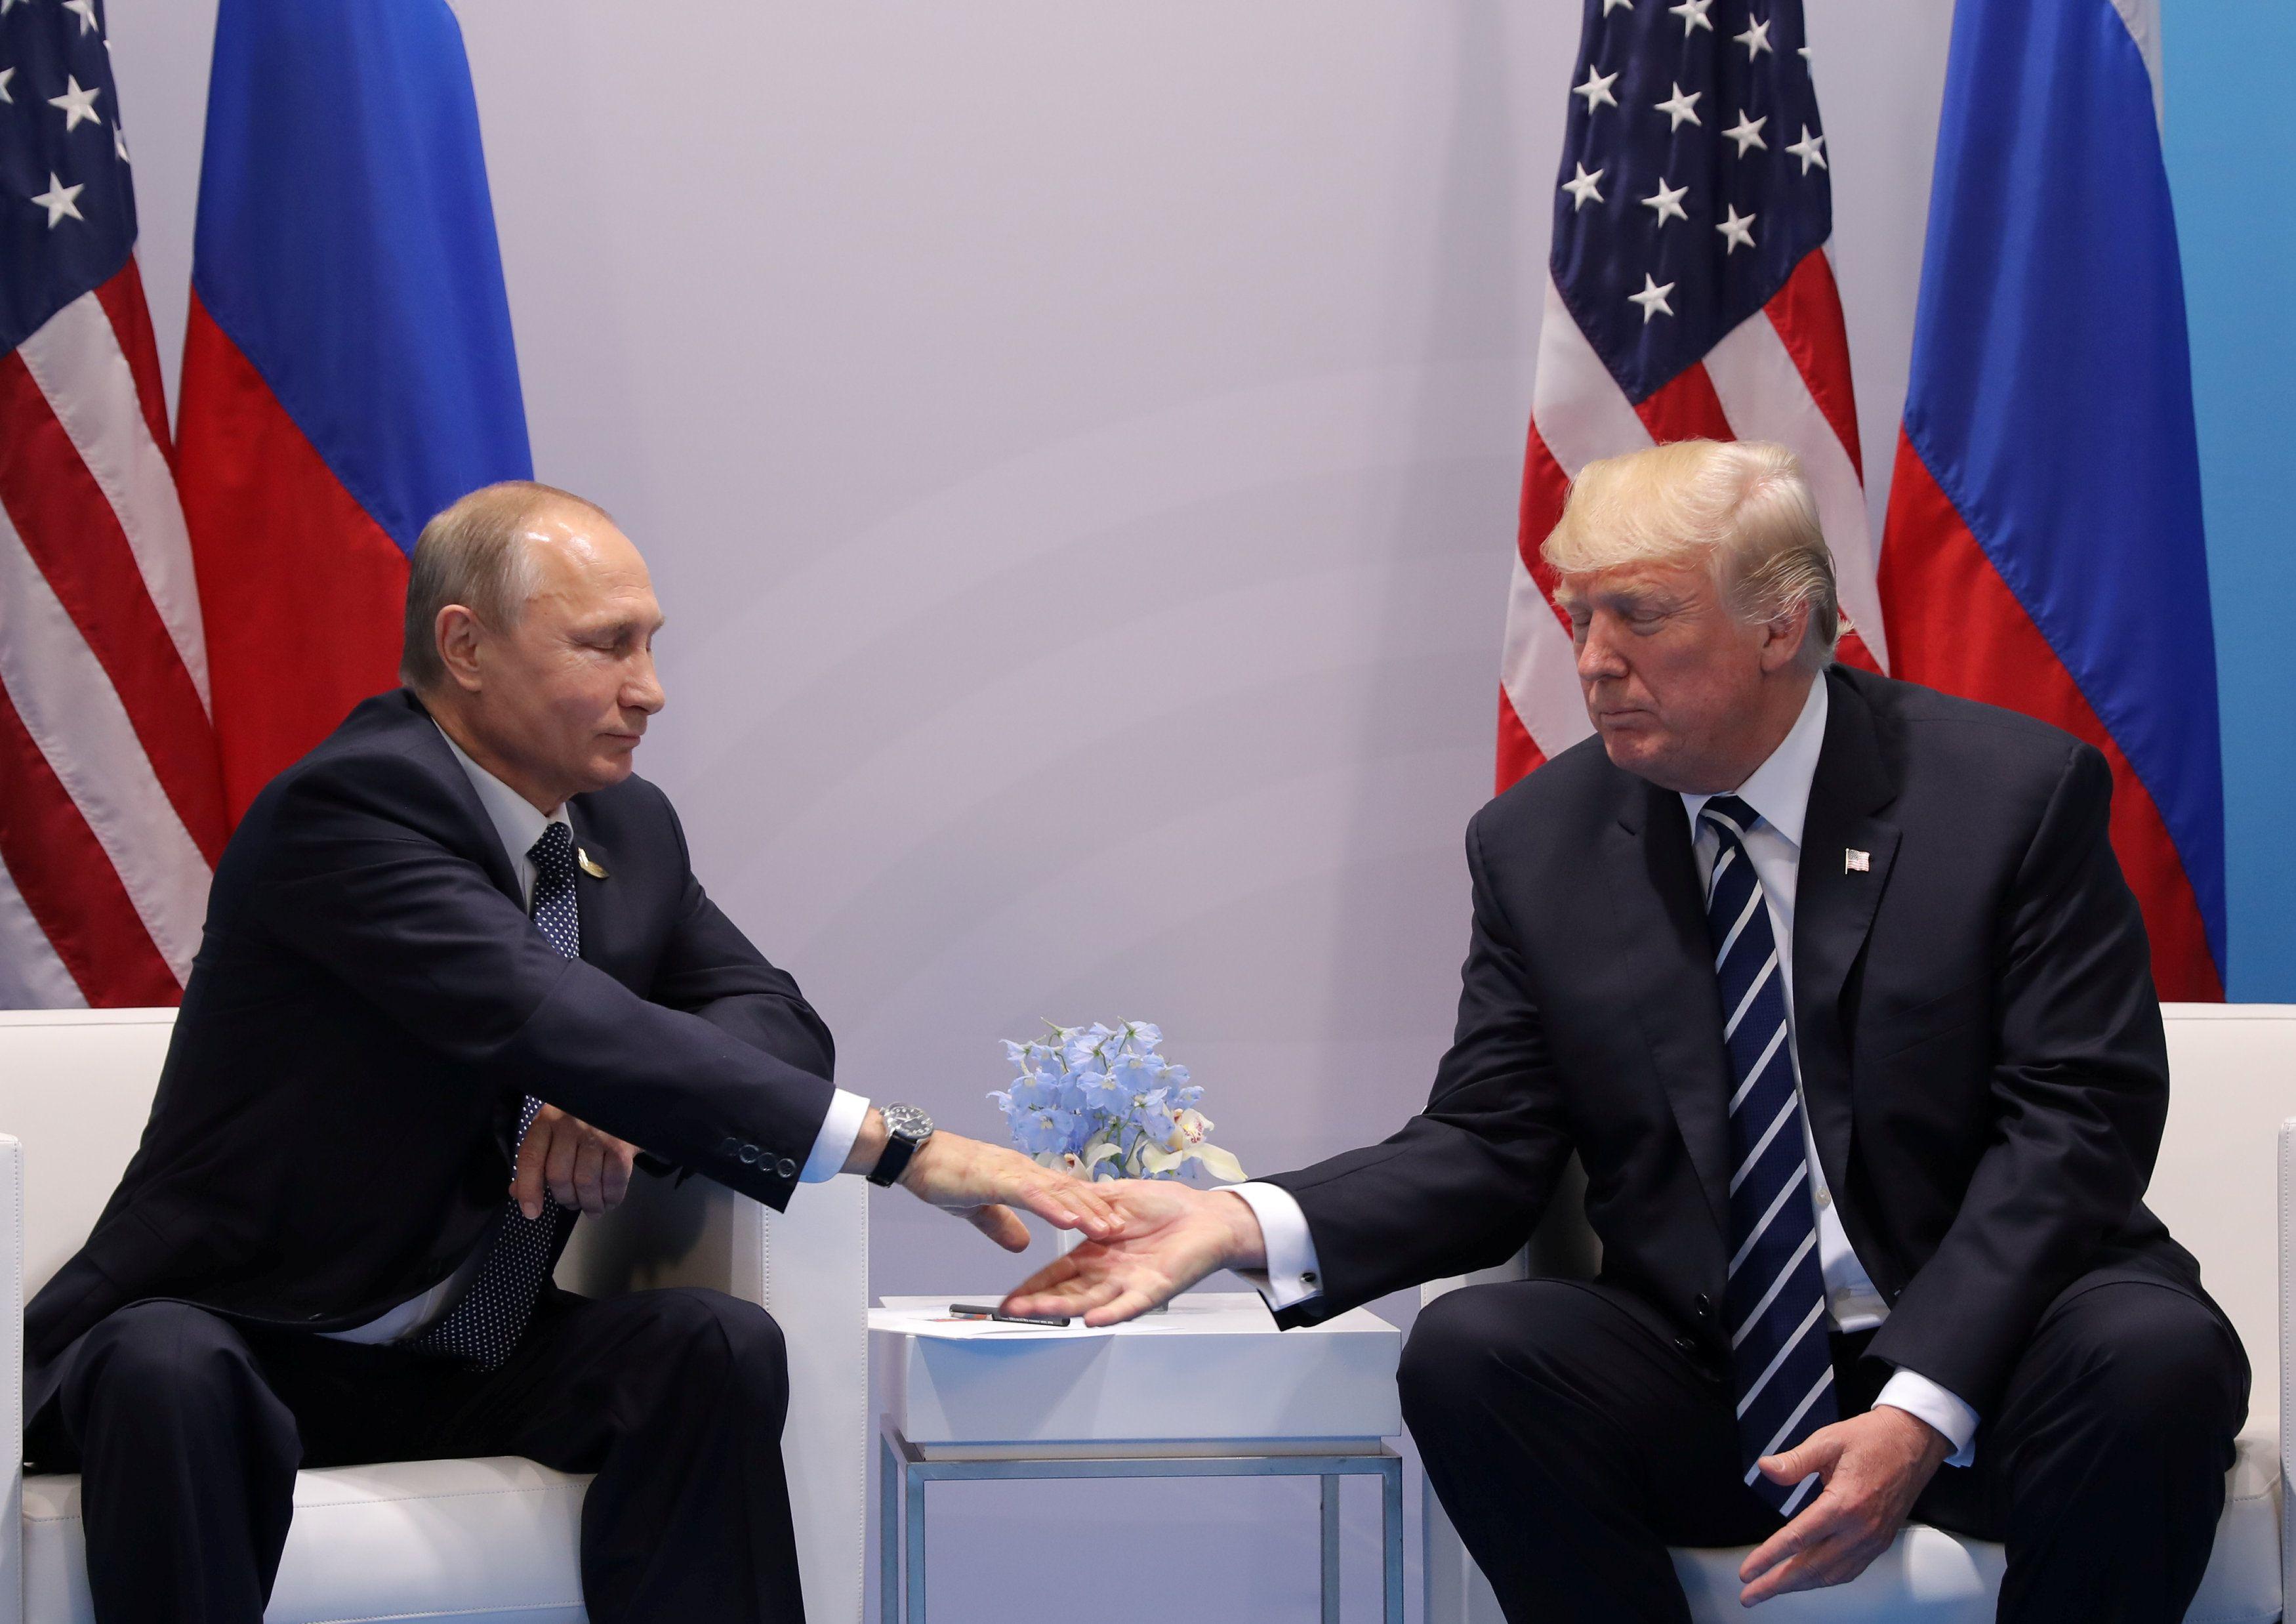 Эксперт полагает, что главная цель встречи Дональда Трампа и Владимира Путина — дать президенту РФ шанс изменить поведение из-за санкций